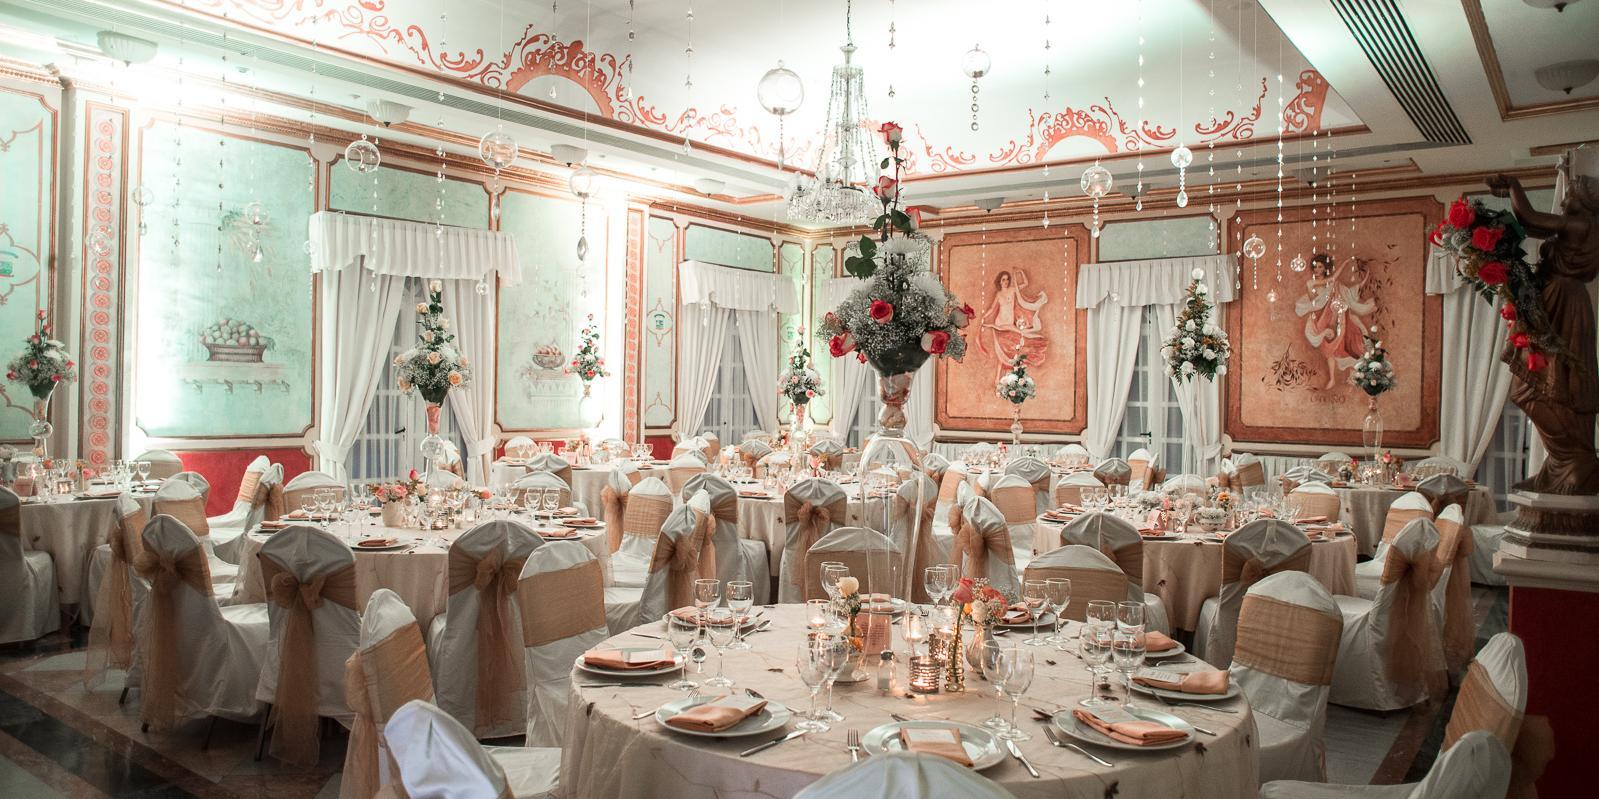 bodas-estilo-libre-sin-tema-cuba-6961.jpg